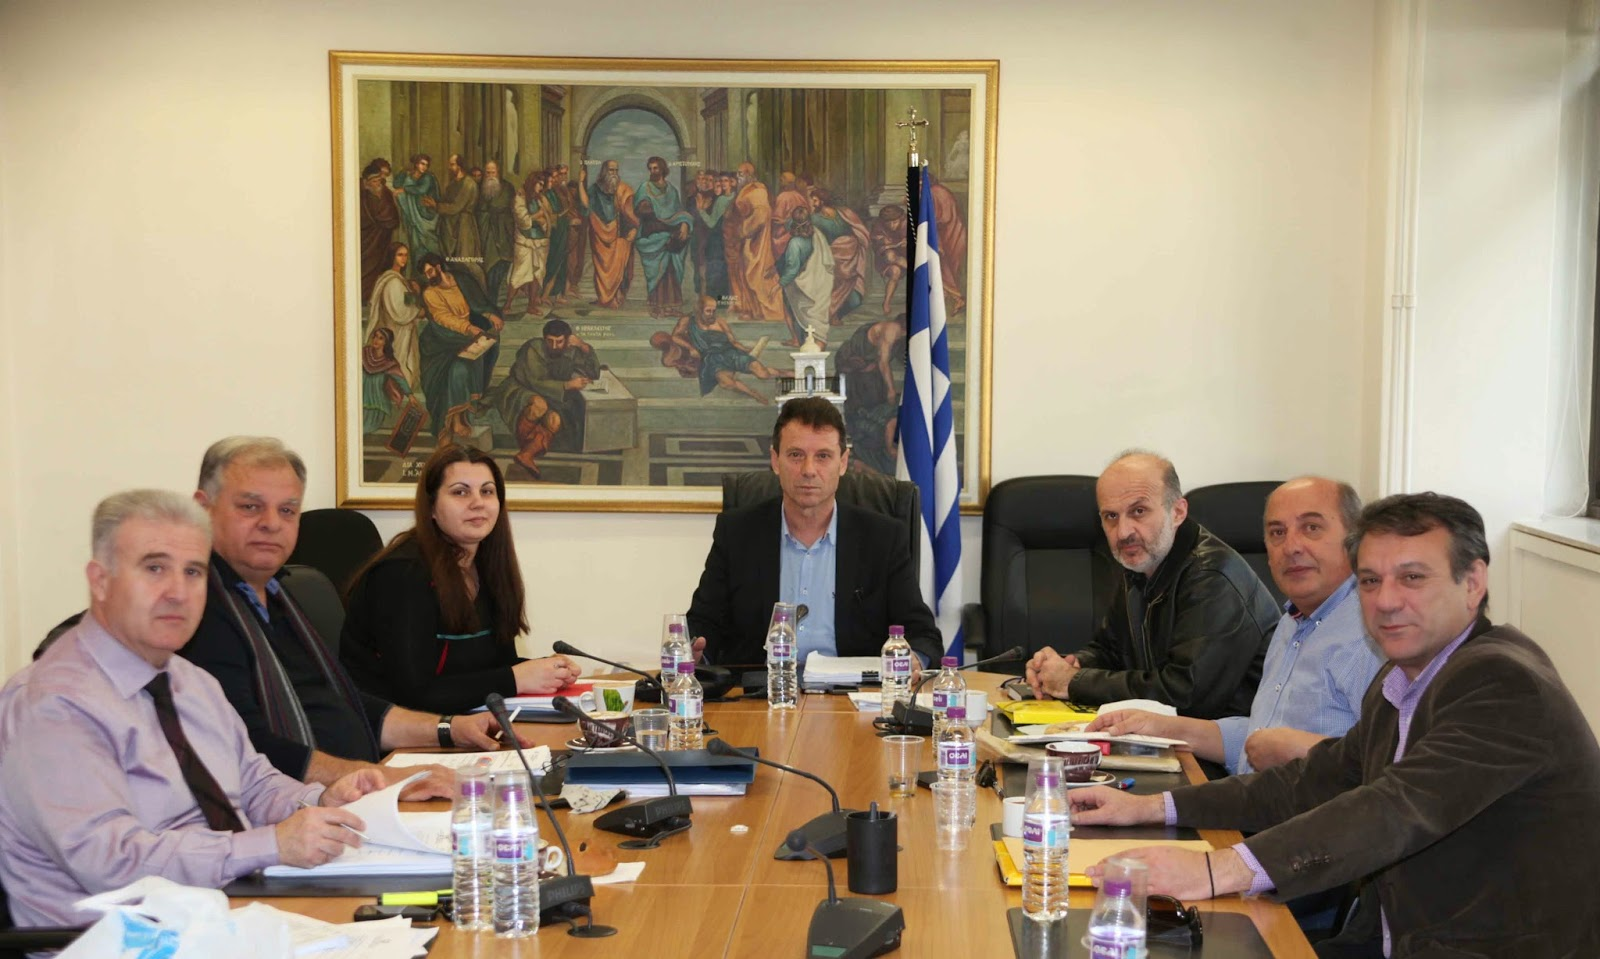 16η Πρόσκληση σε συνεδρίαση της Οικονομικής Επιτροπής της Περιφέρειας Δυτικής Μακεδονίας